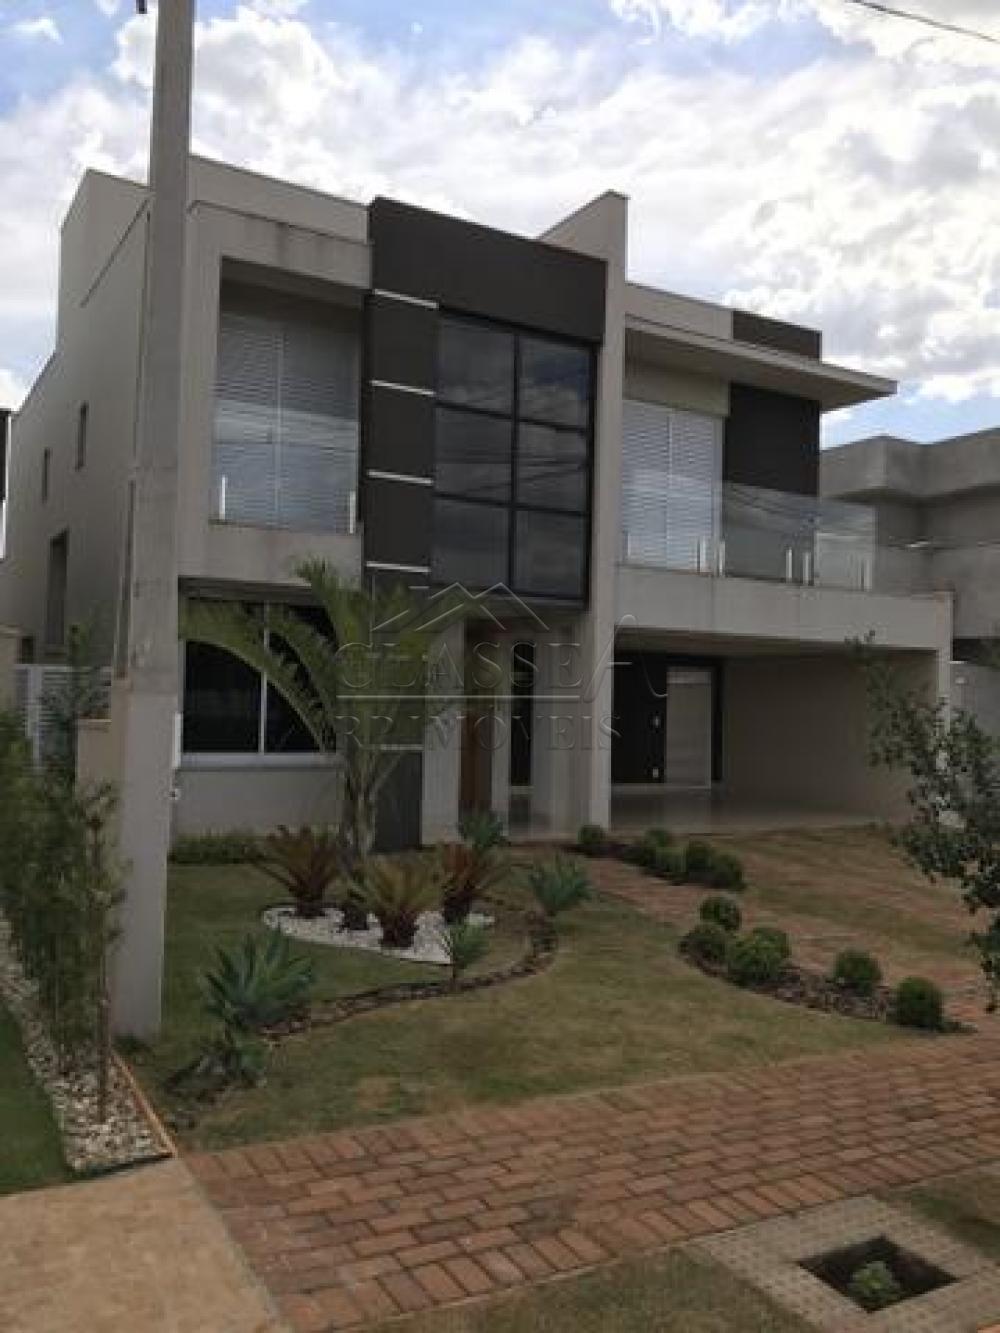 Comprar Casa / Condomínio - sobrado em Ribeirão Preto apenas R$ 1.050.000,00 - Foto 2